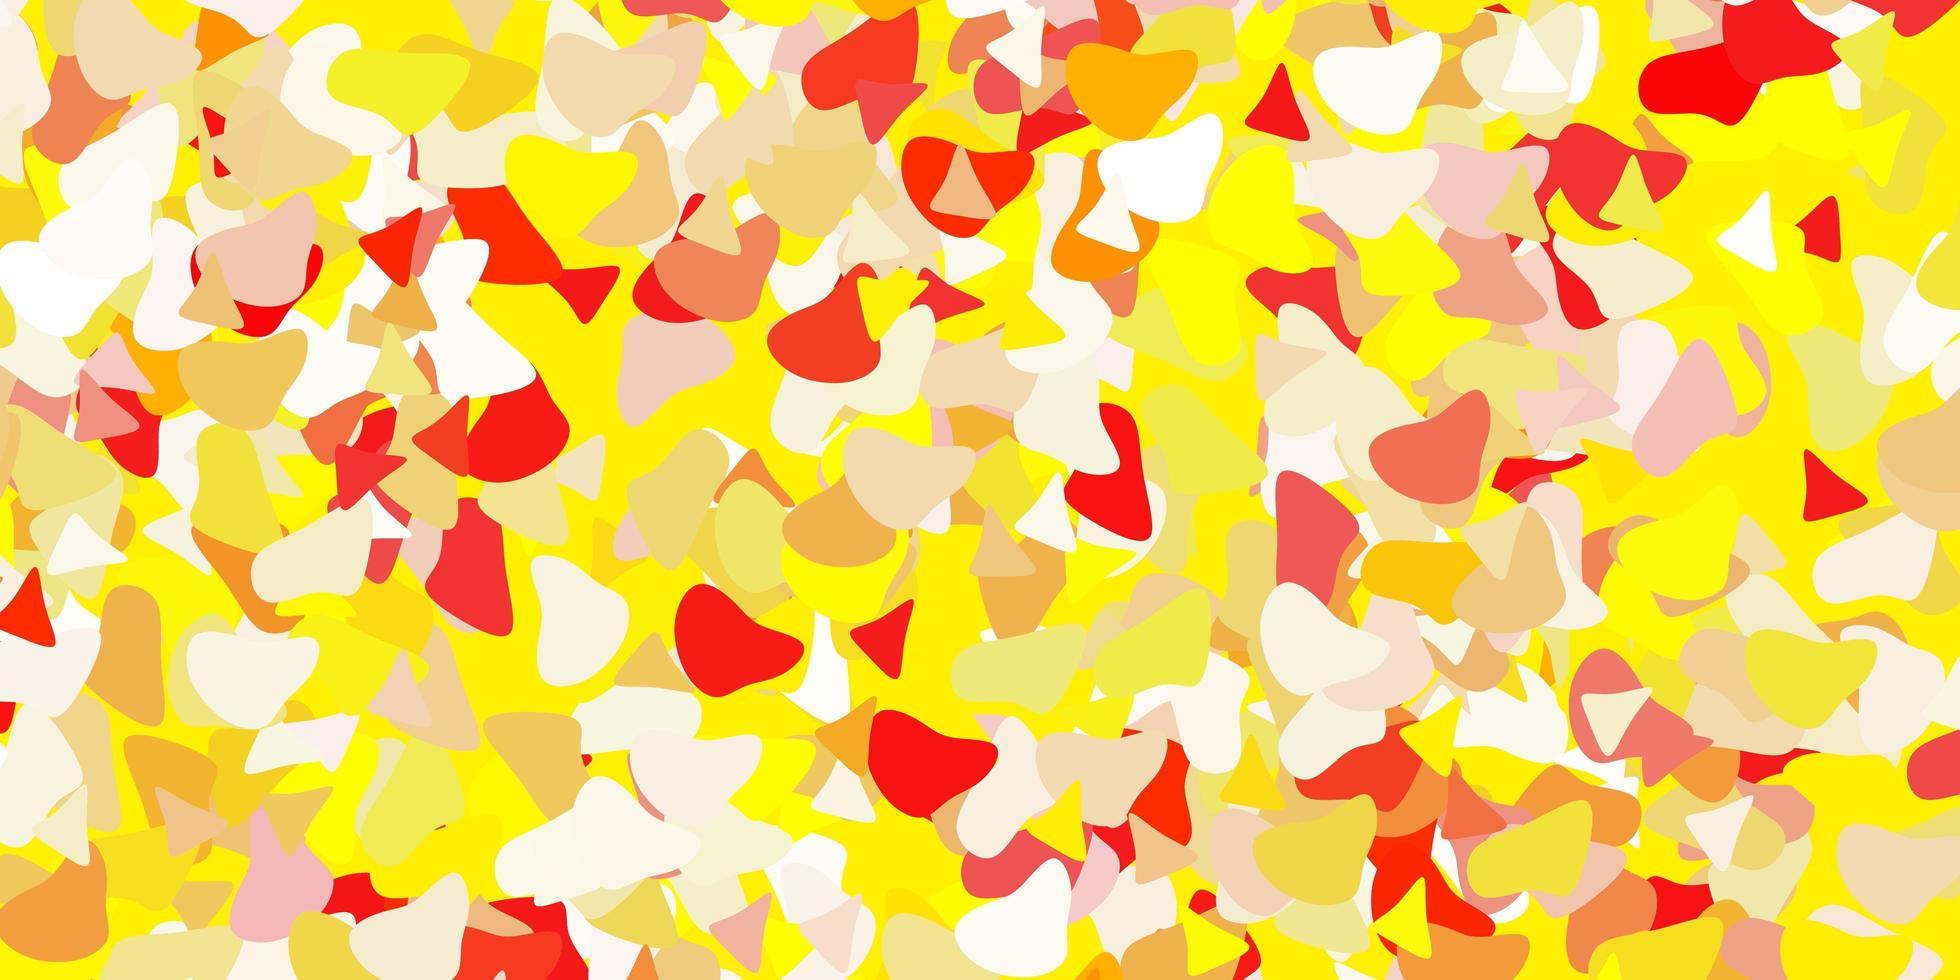 rosso chiaro, sfondo giallo con forme casuali. vettore